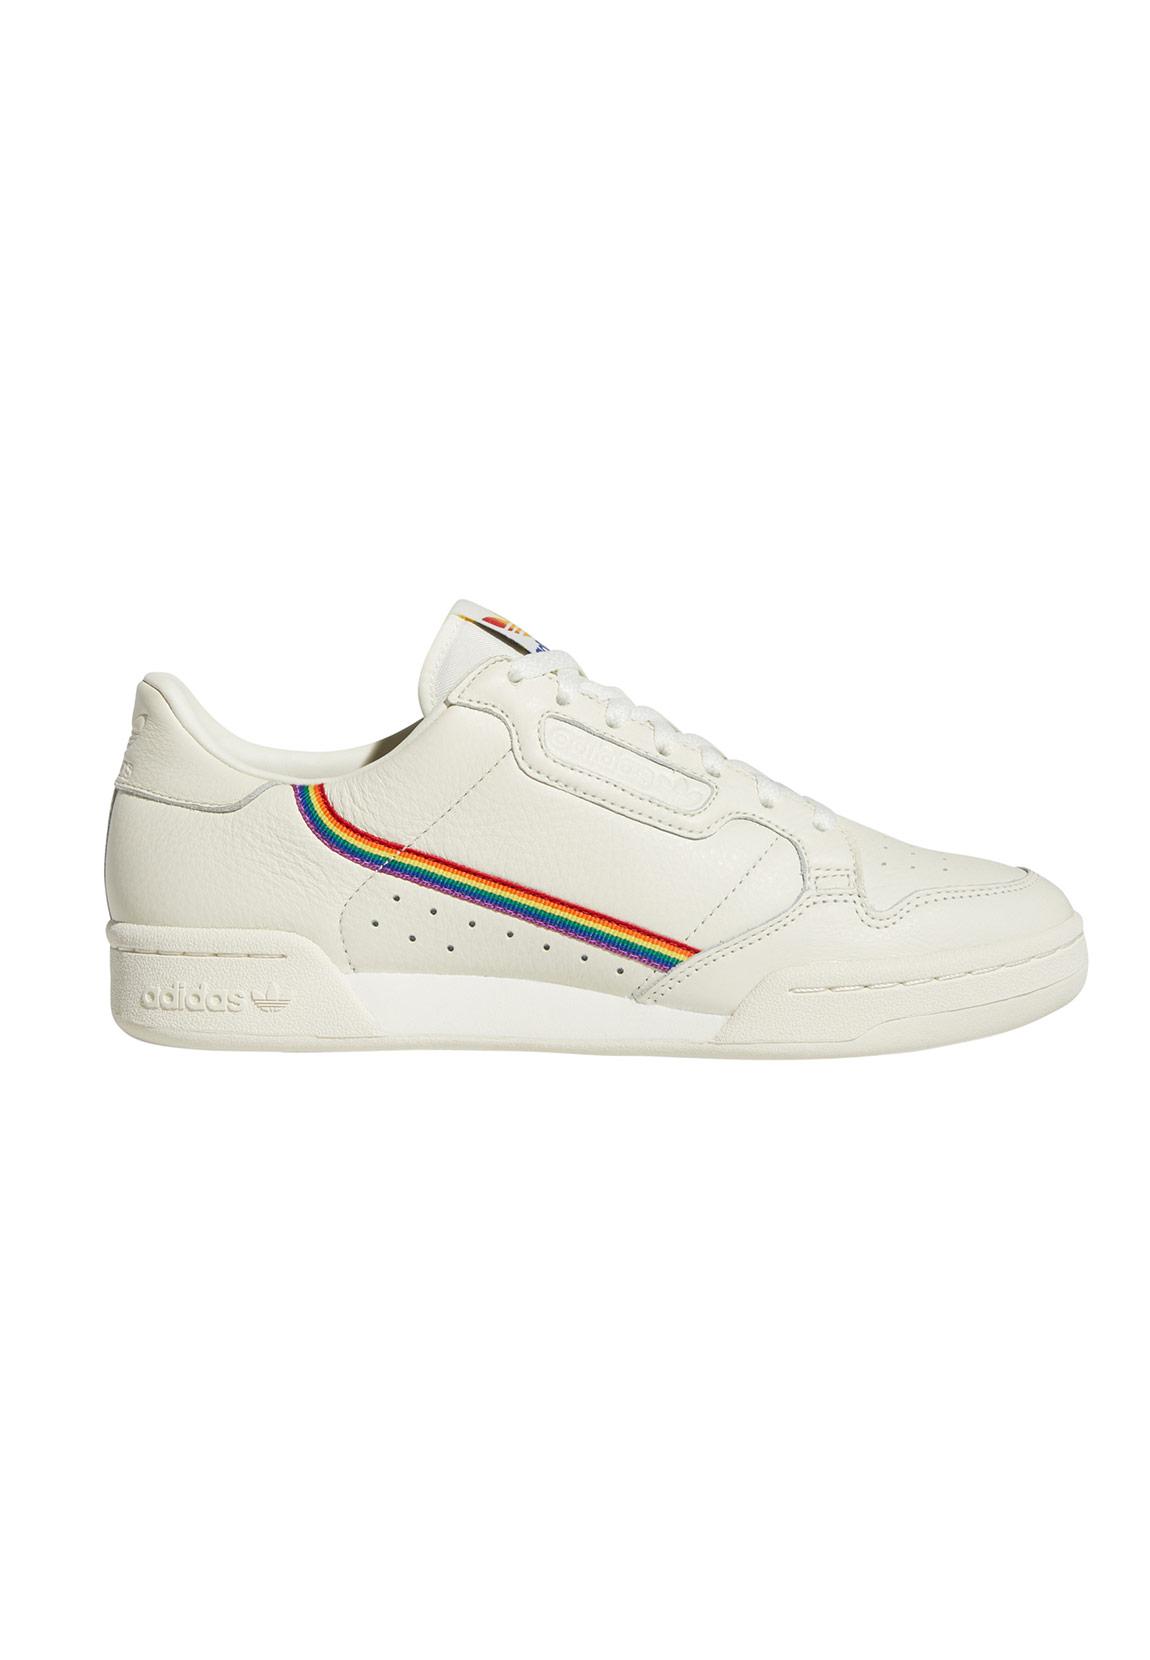 Détails sur Adidas Continental 80 Hommes Chaussures Hommes Sneaker Chaussures De Sport Chaussures Blanc ee5342 afficher le titre d'origine